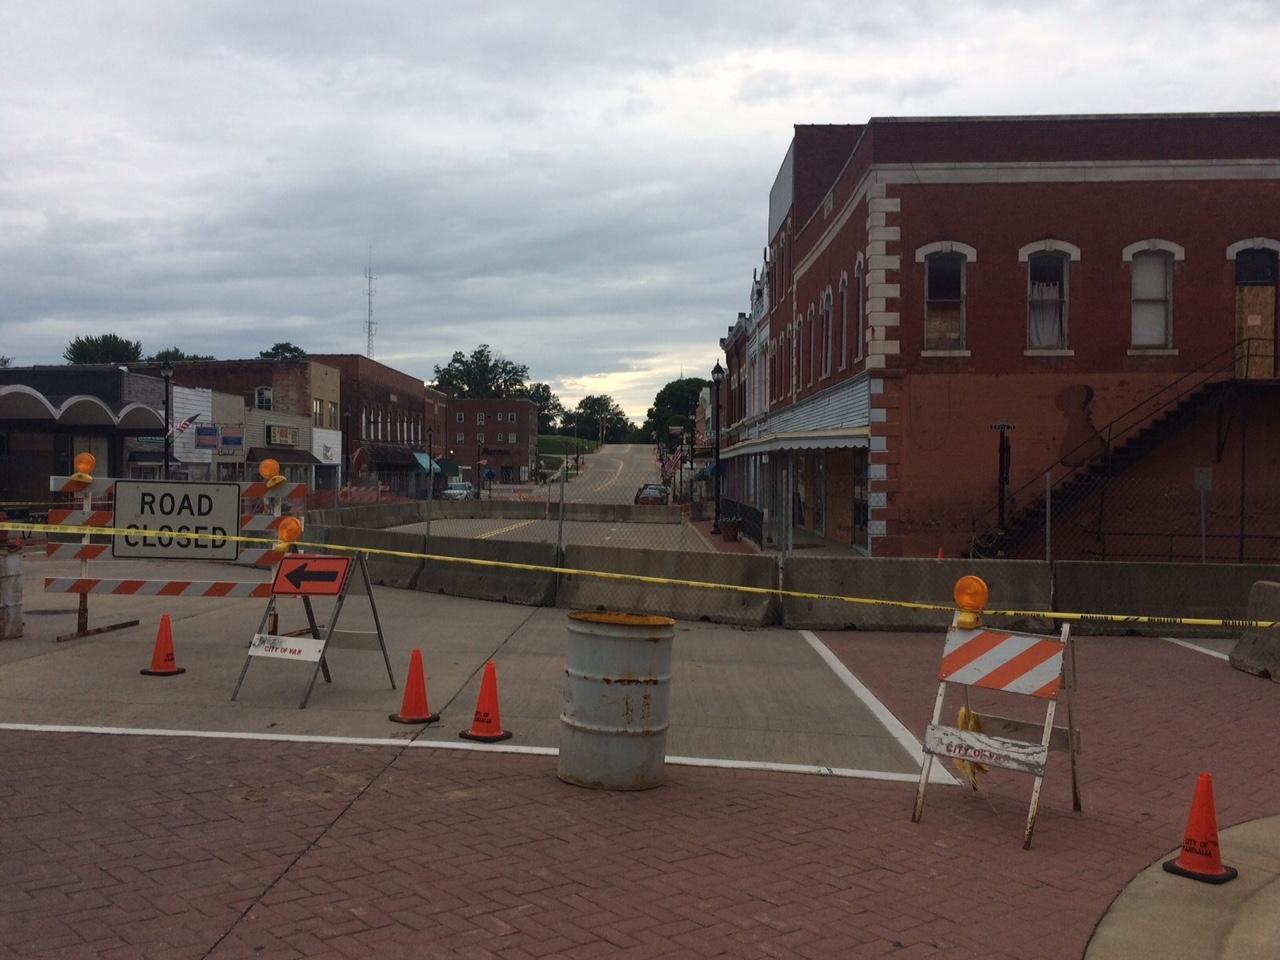 Demolition work begins on downtown buildings